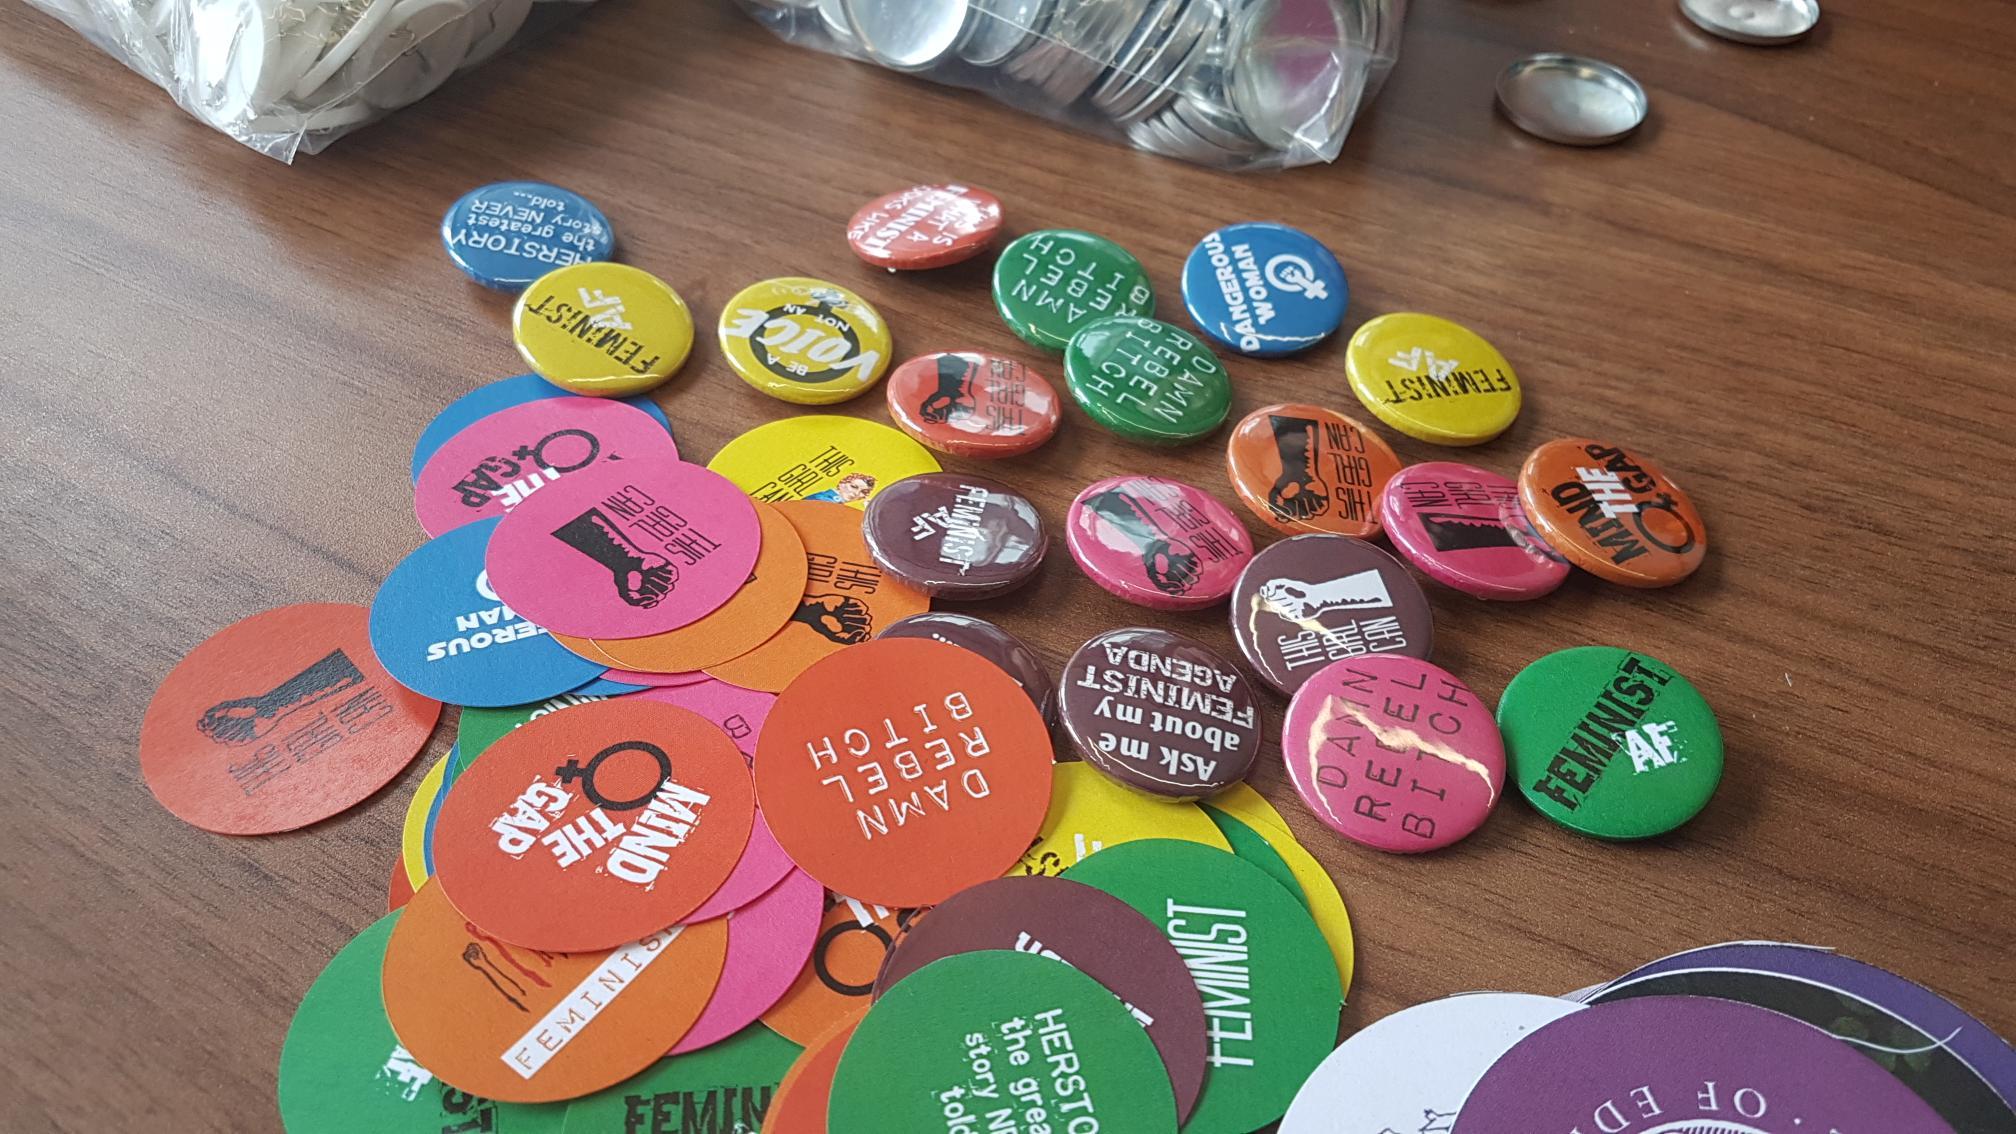 Amusing frye republican vintage political button